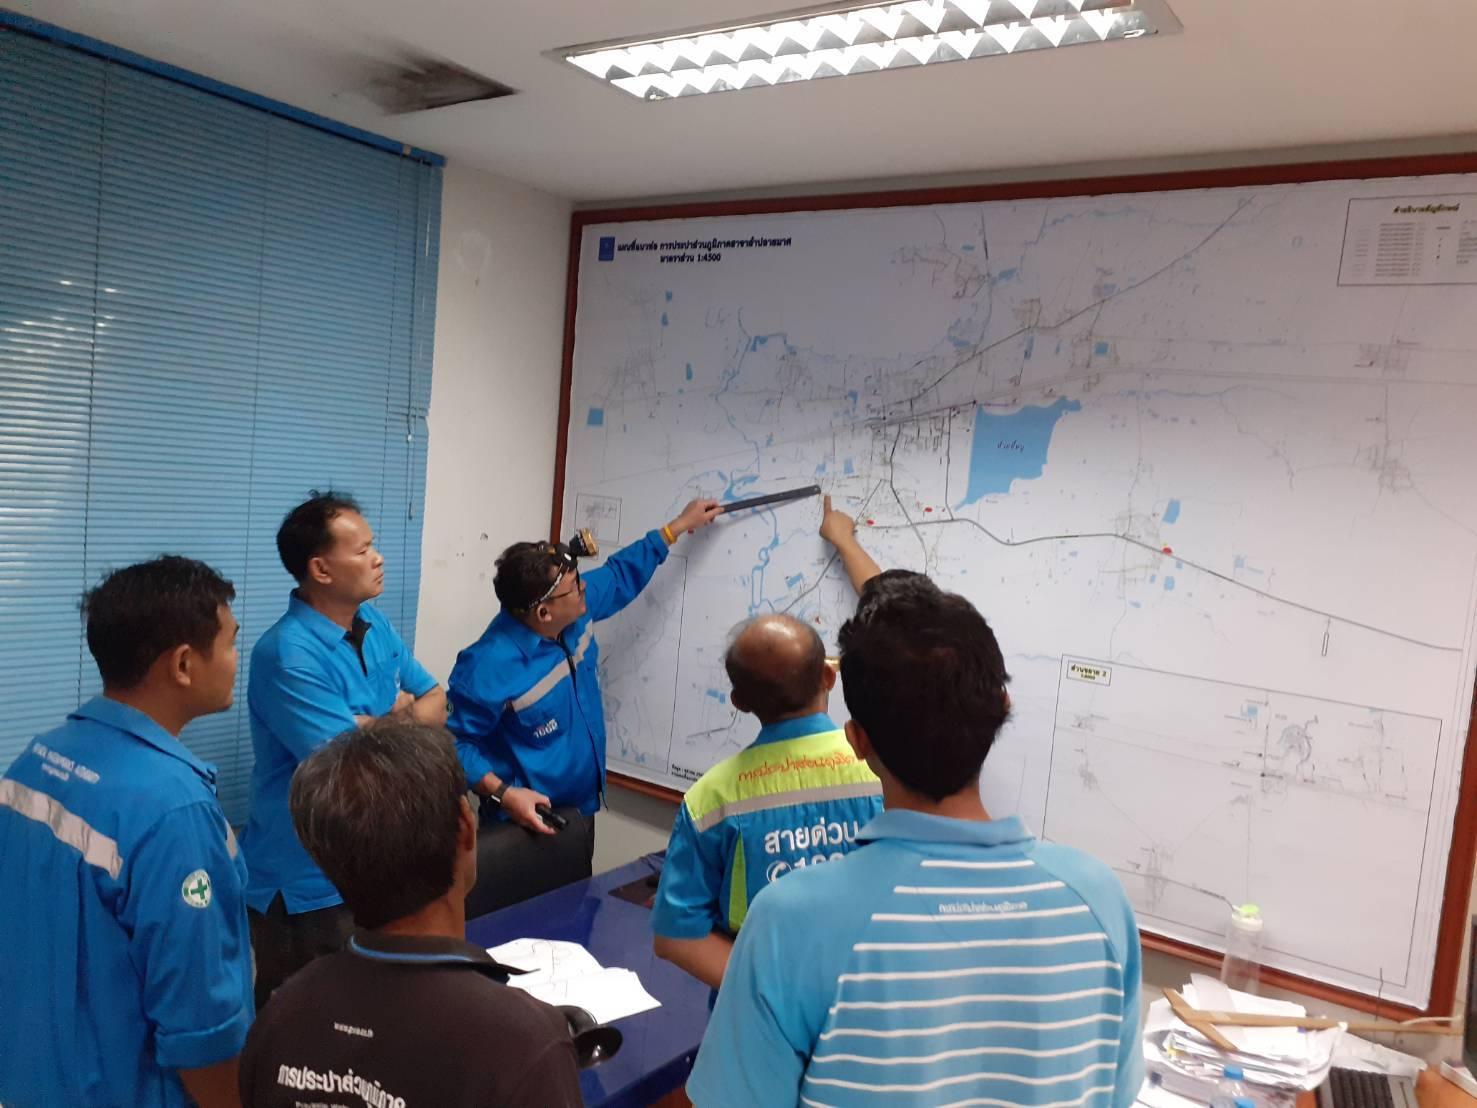 ไฟล์แนบ กปภ.สาขาลำปลายมาศออกสำรวจท่อแตกรั่วตามแผนกิจกรรมการลดน้ำสูญเสียประจำเดือน พ.ย. 2562